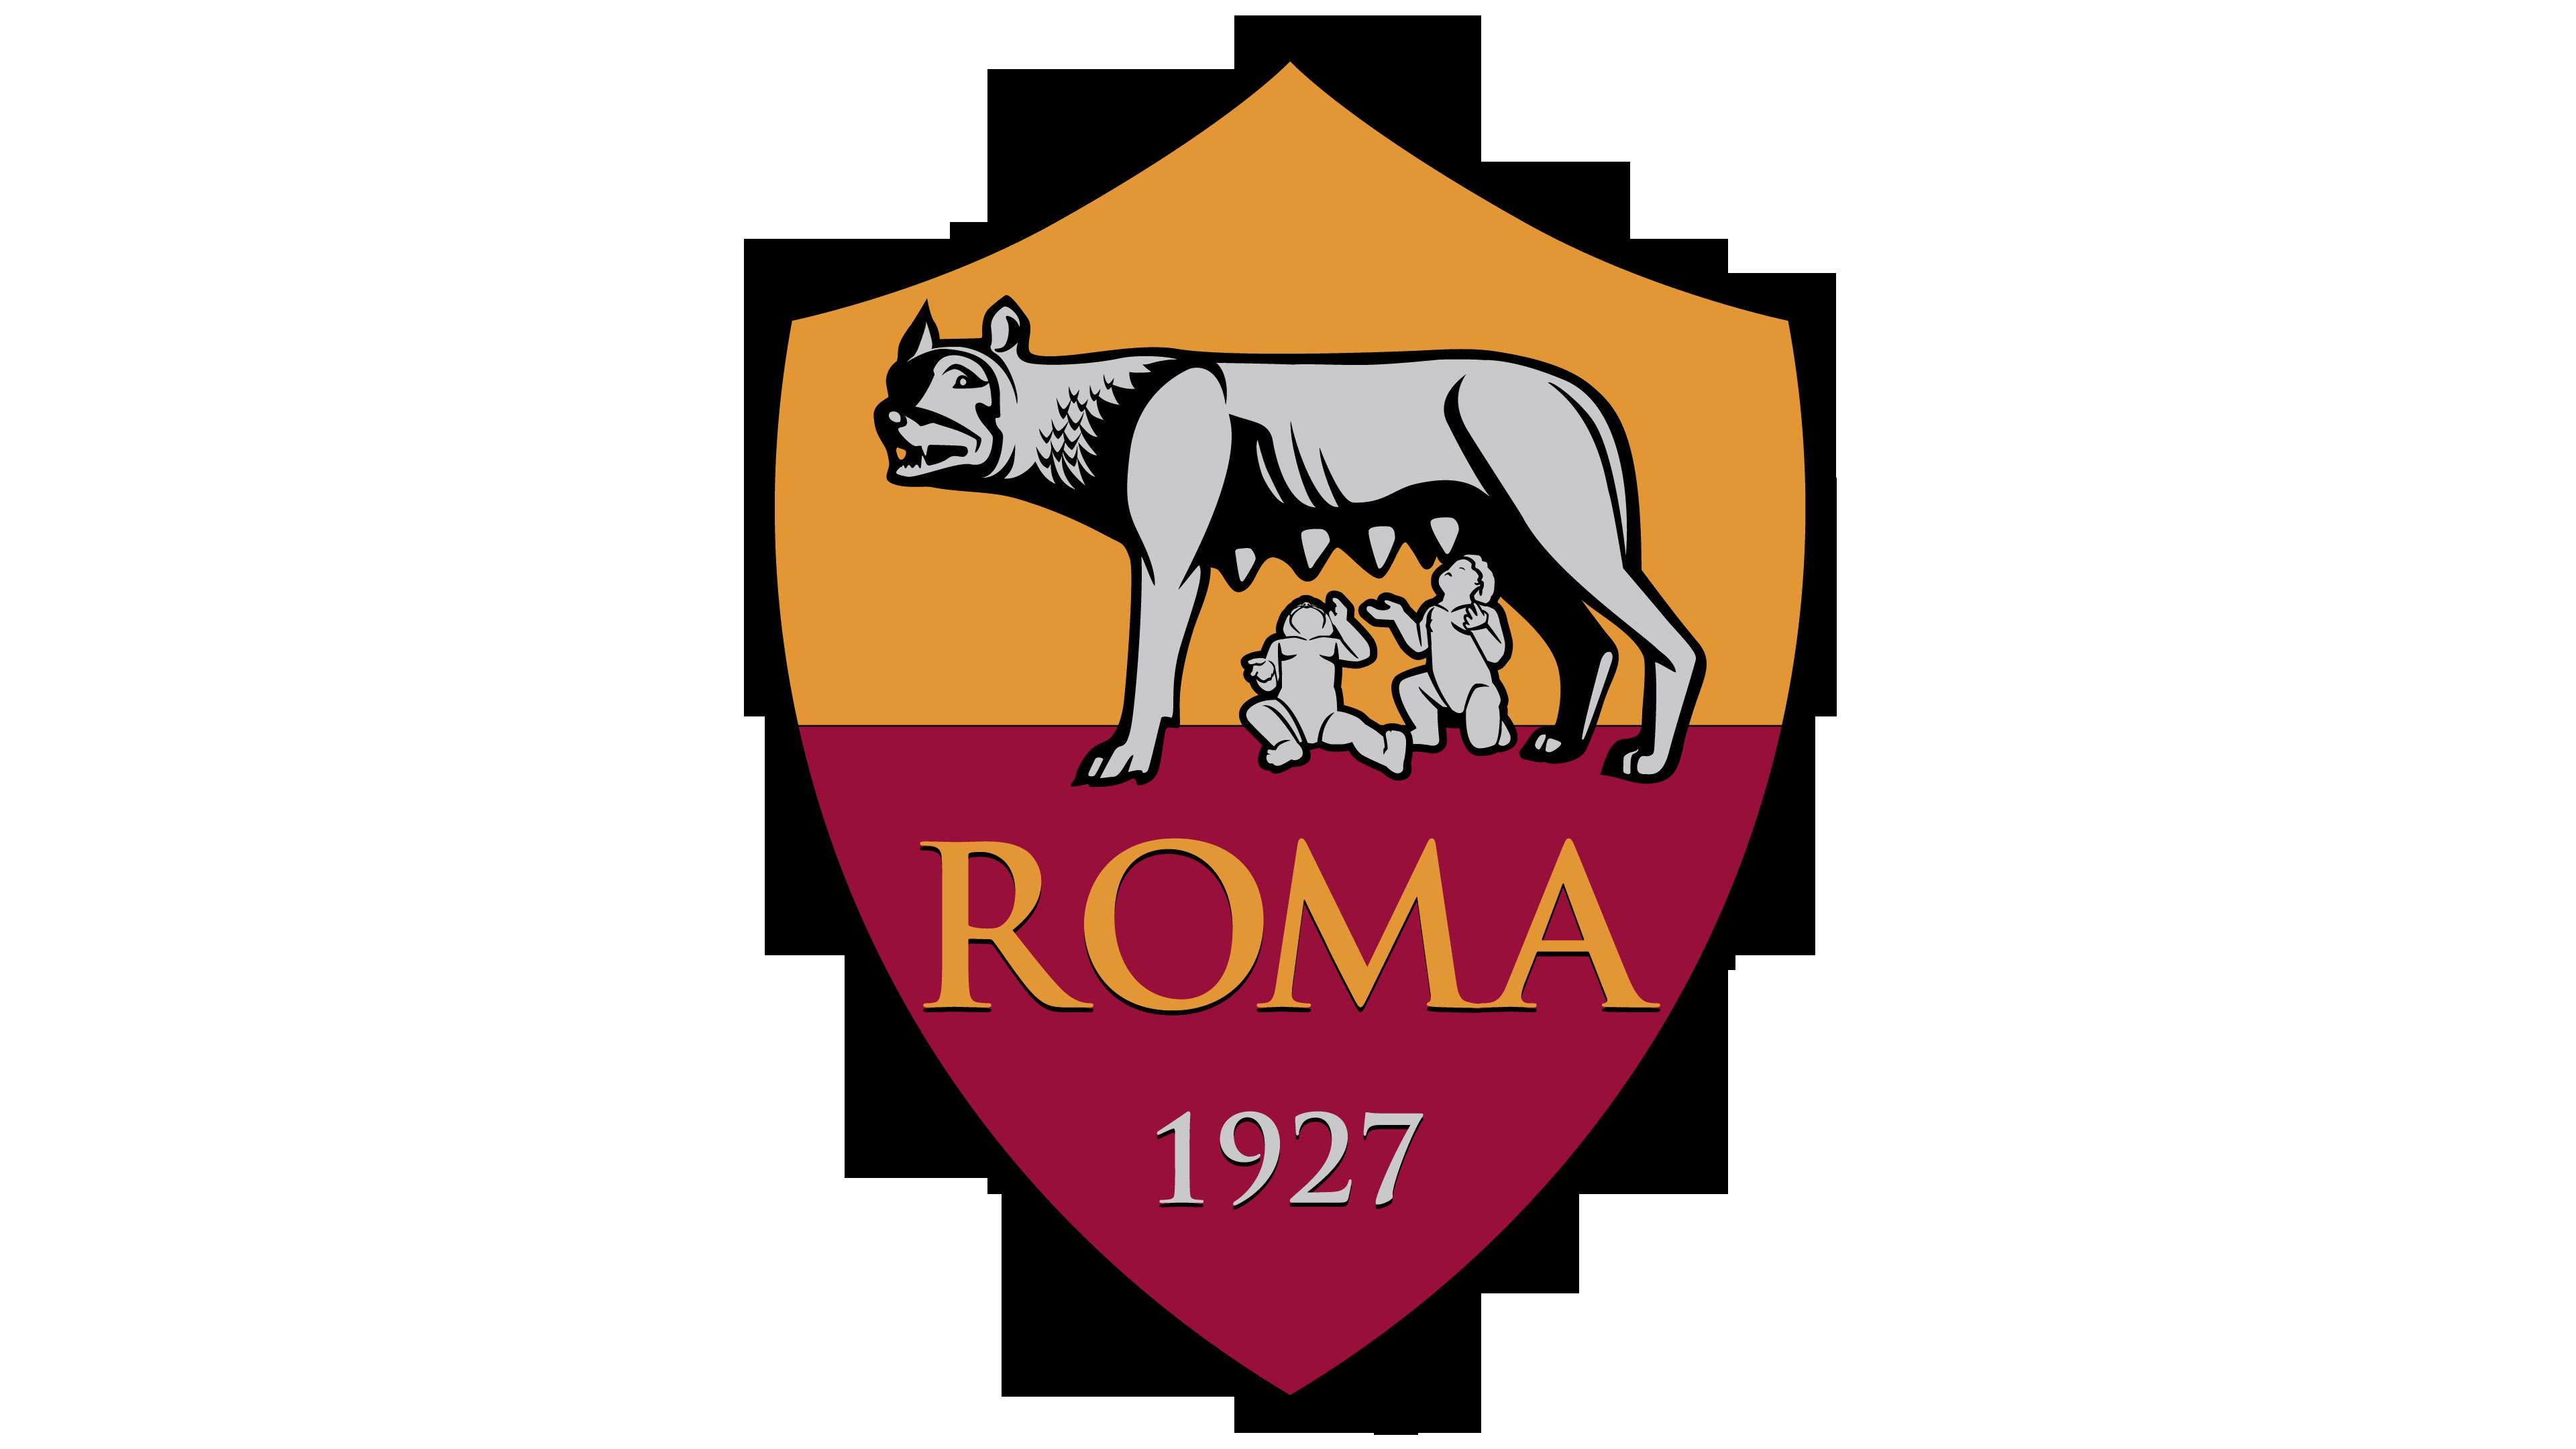 Roma logo.